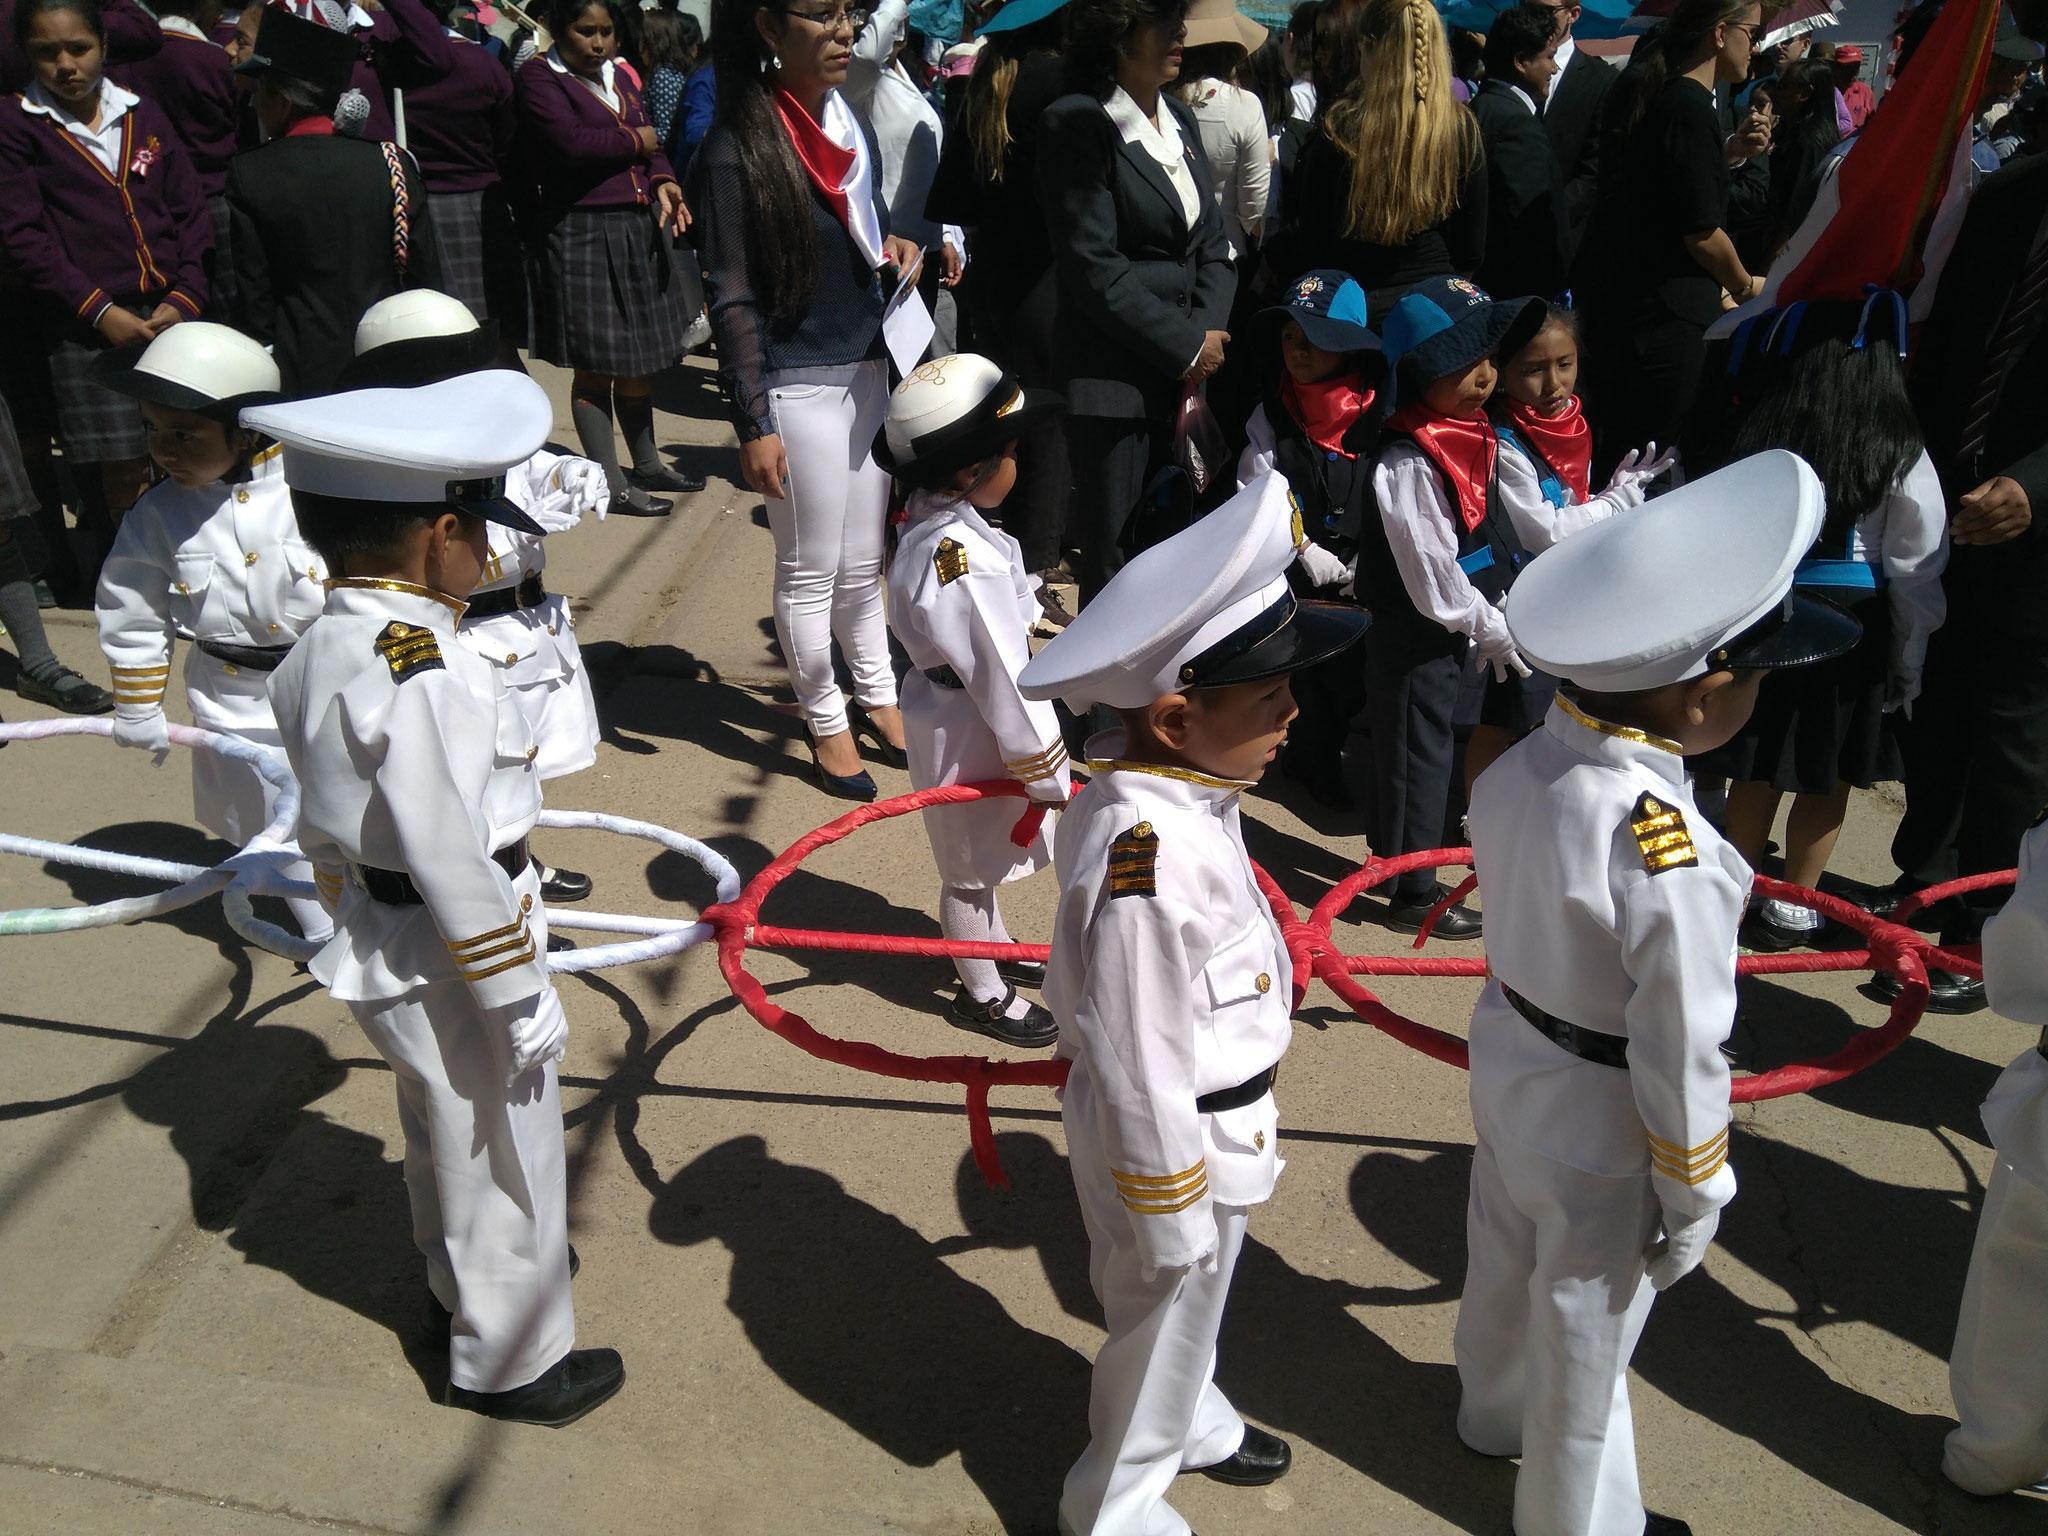 Andere Schulen warfen ihre Schüler in Militäruniformen.